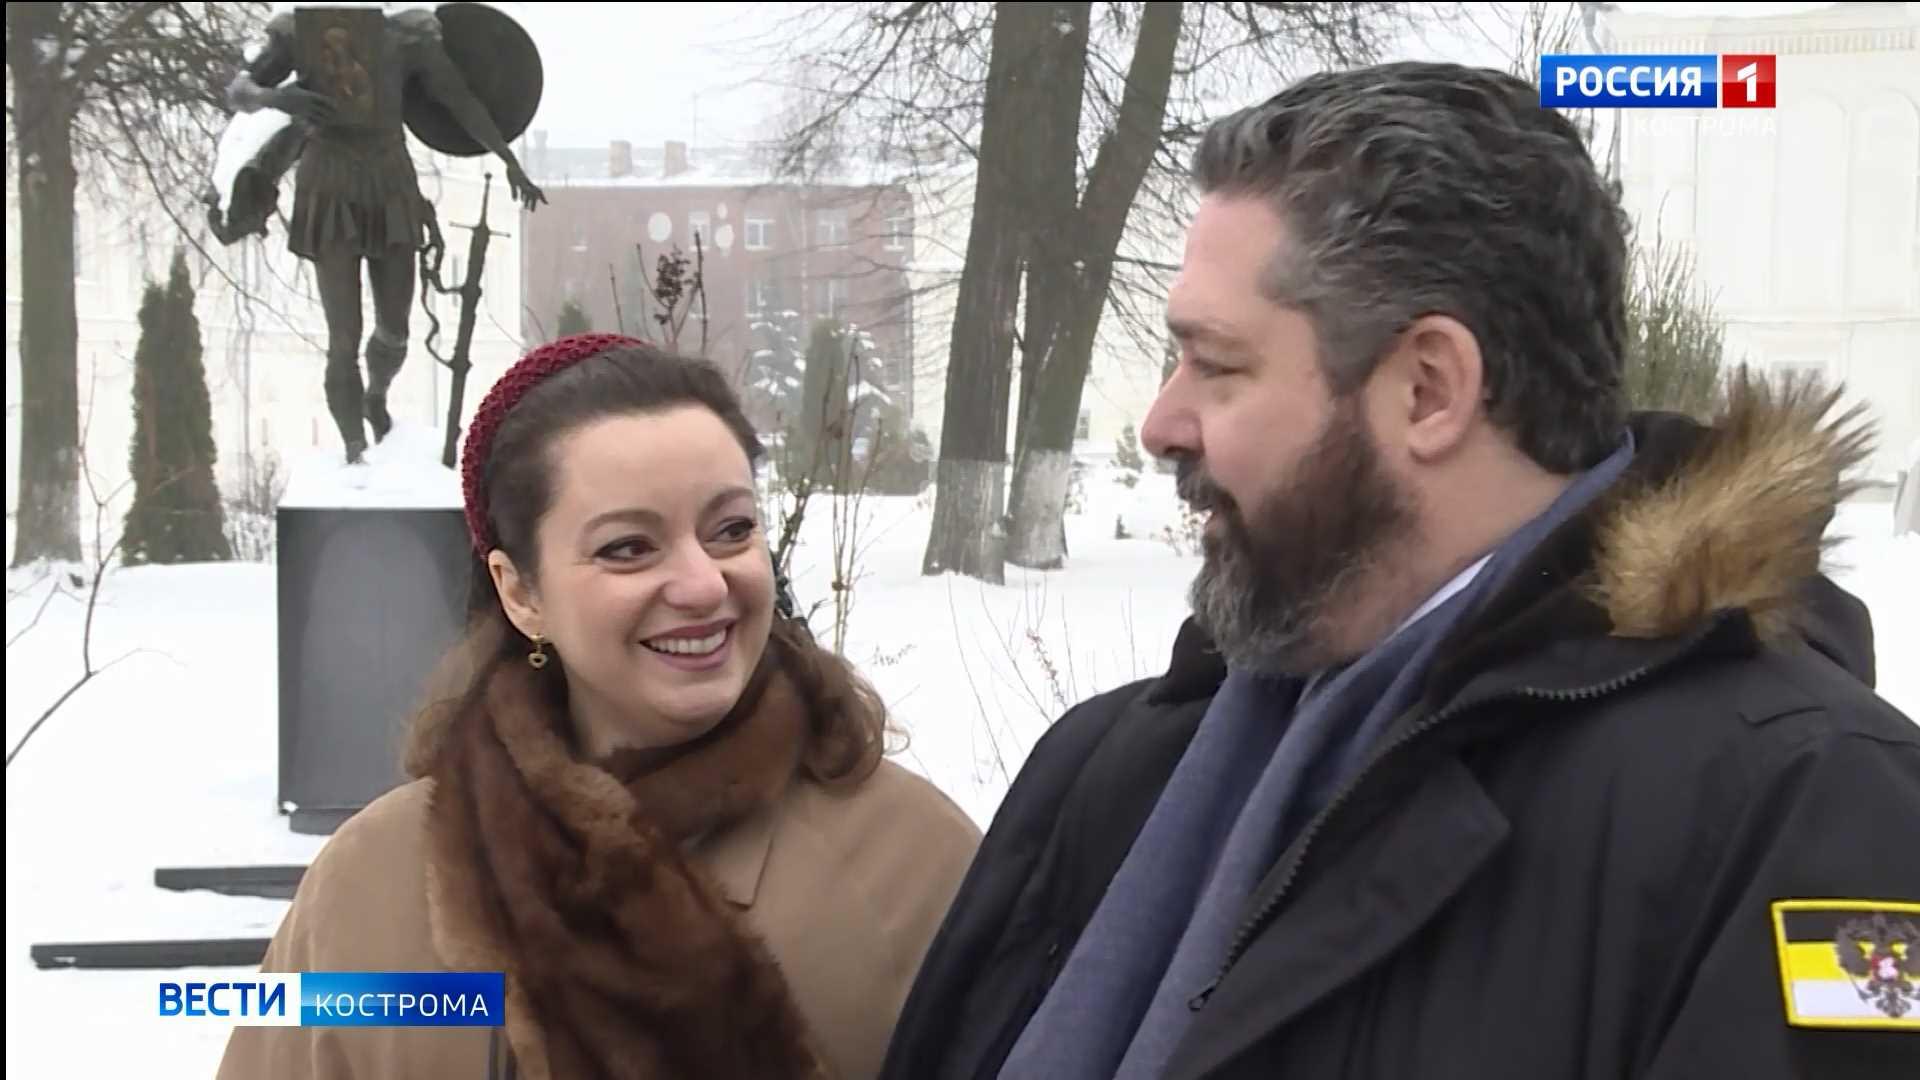 Князь Георгий Романов в Костроме подарил невесте особенное кольцо